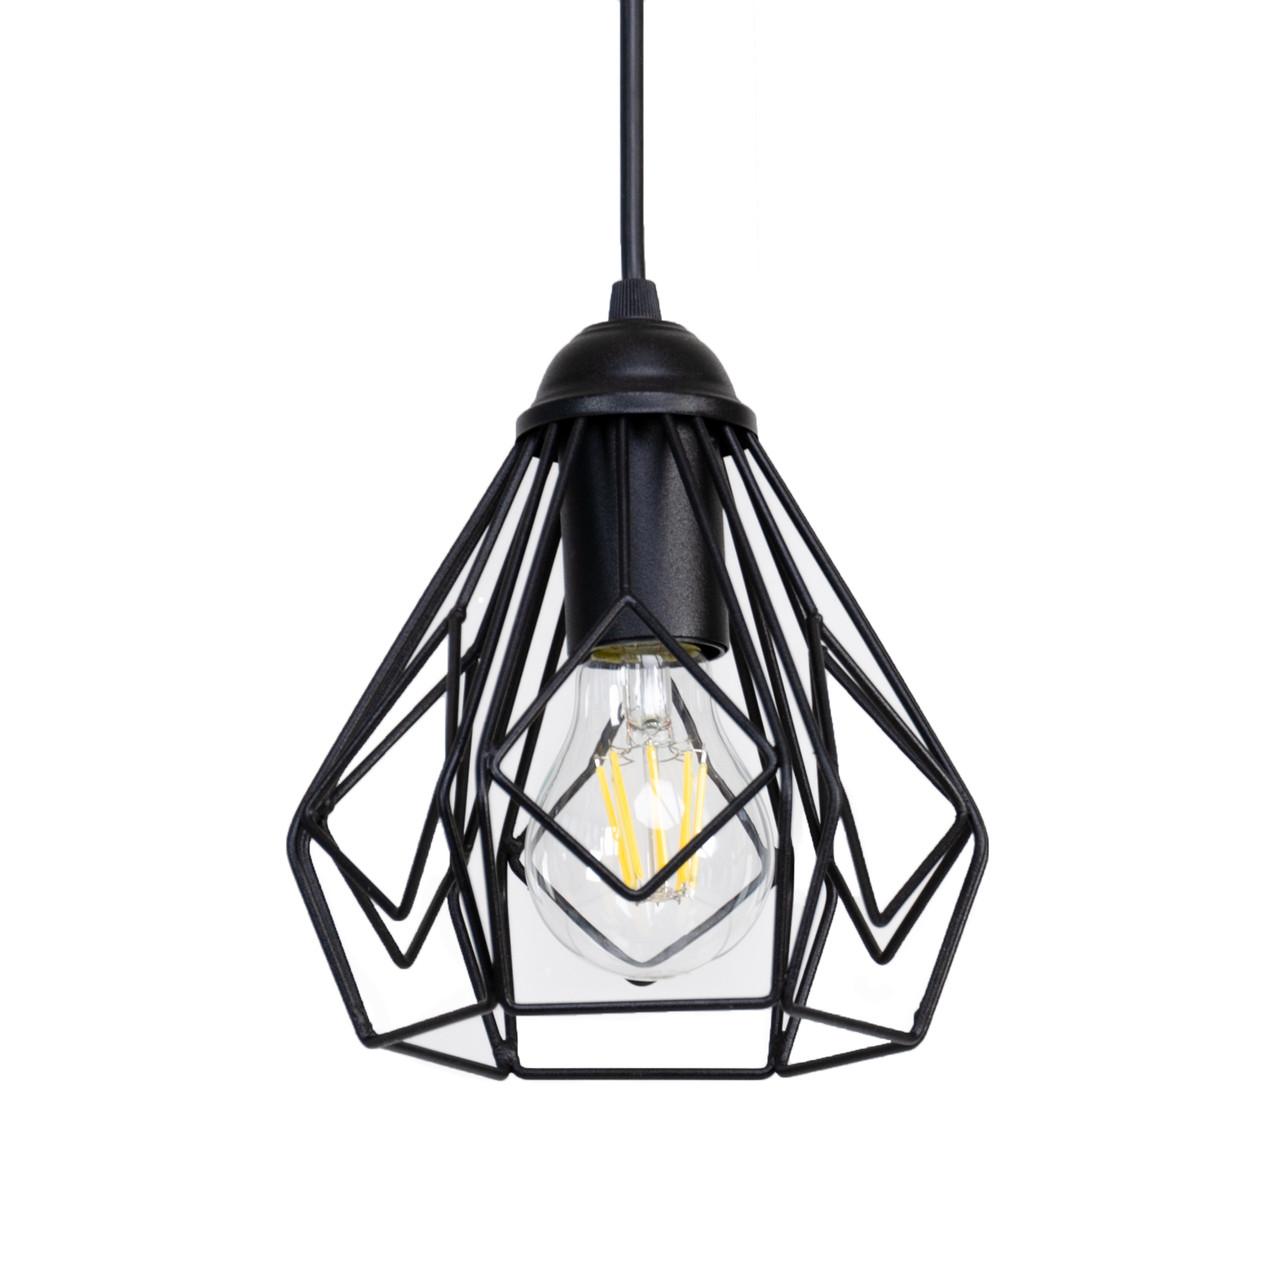 Светильник потолочный Atmolight Bevel P165 Черный (1324)